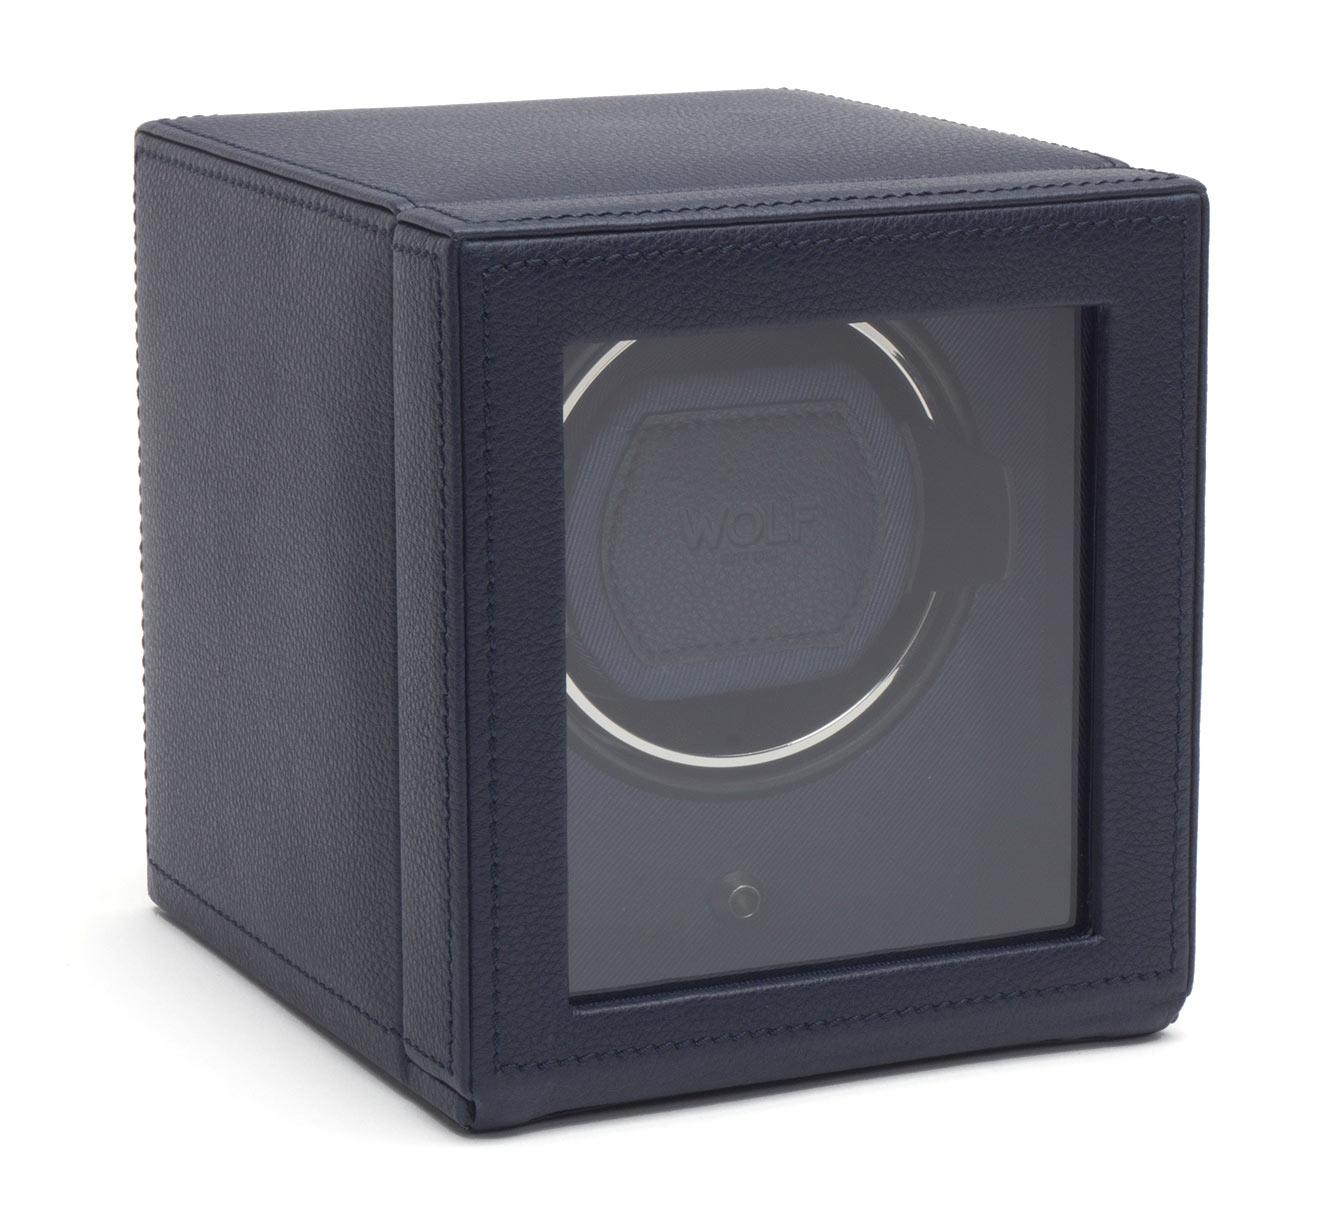 461117 Шкатулка для автоподзавода часов WOLF из коллекции Cube